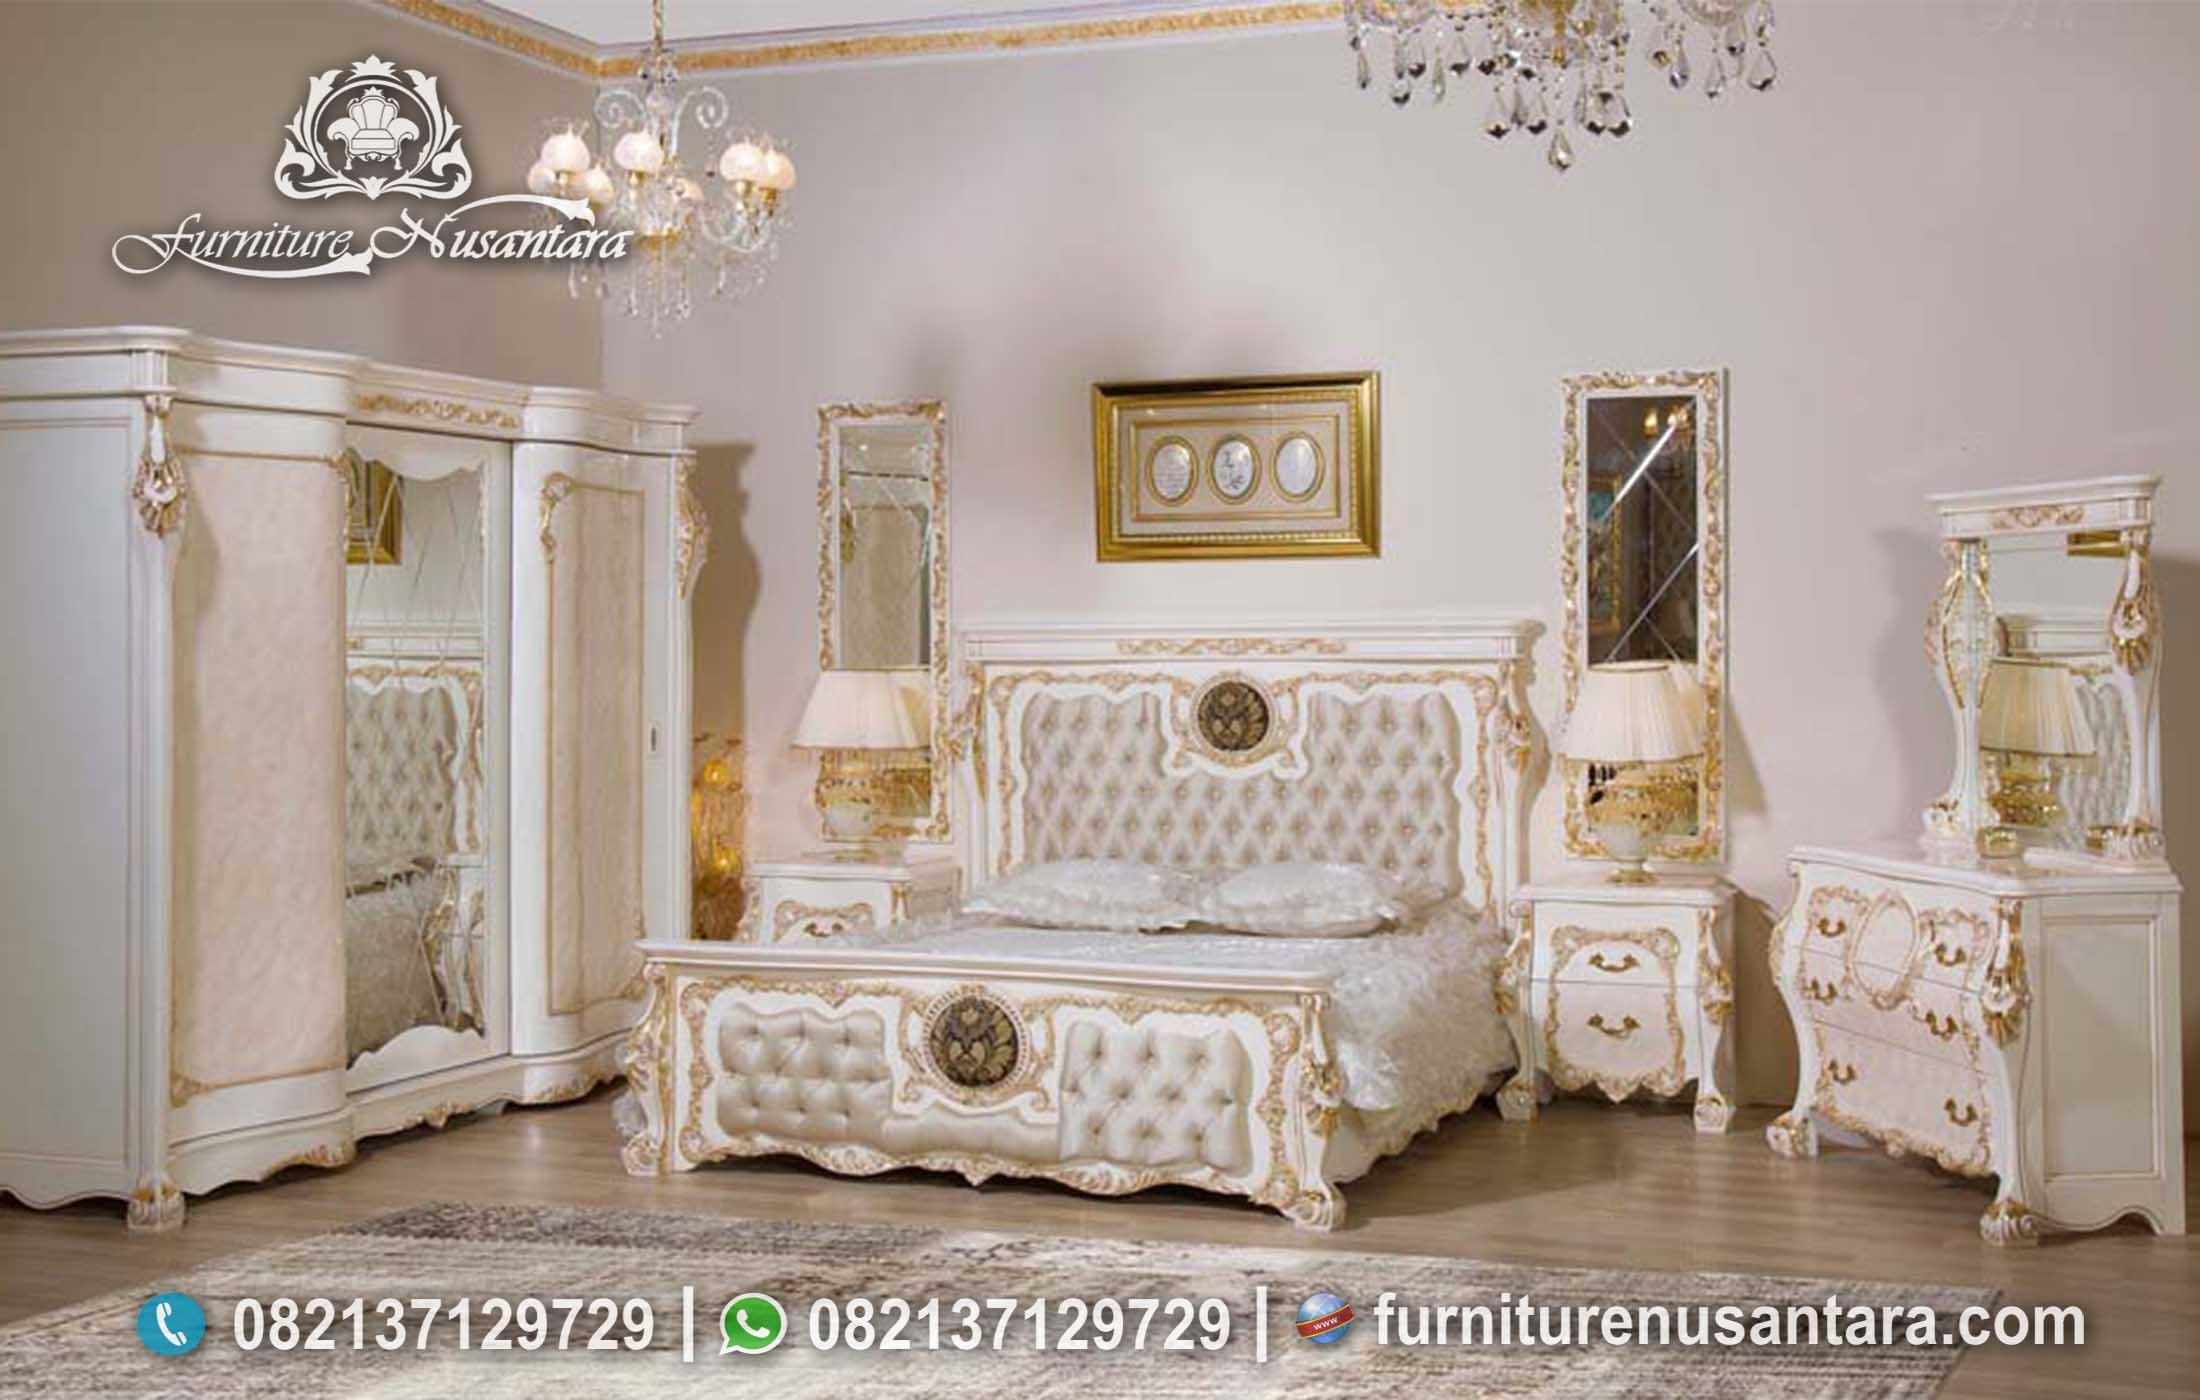 Jual Set Kamar Tidur Klasik Mewah KS-193, Furniture Nusantara